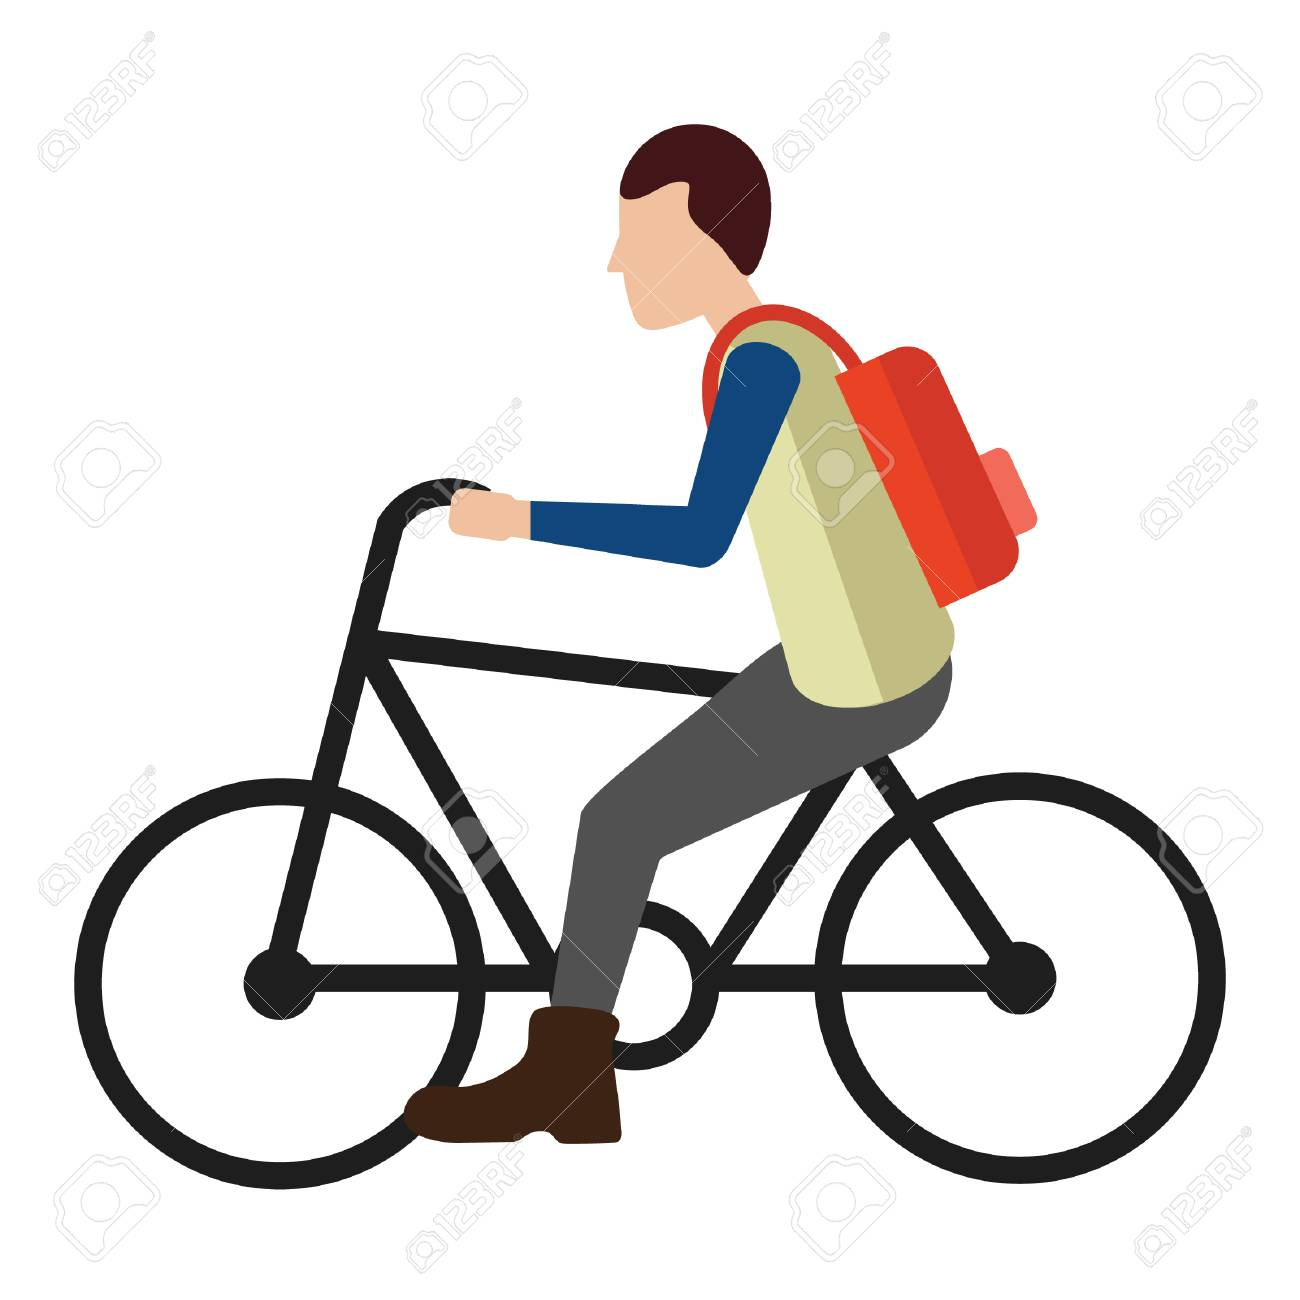 Man riding bicycle.